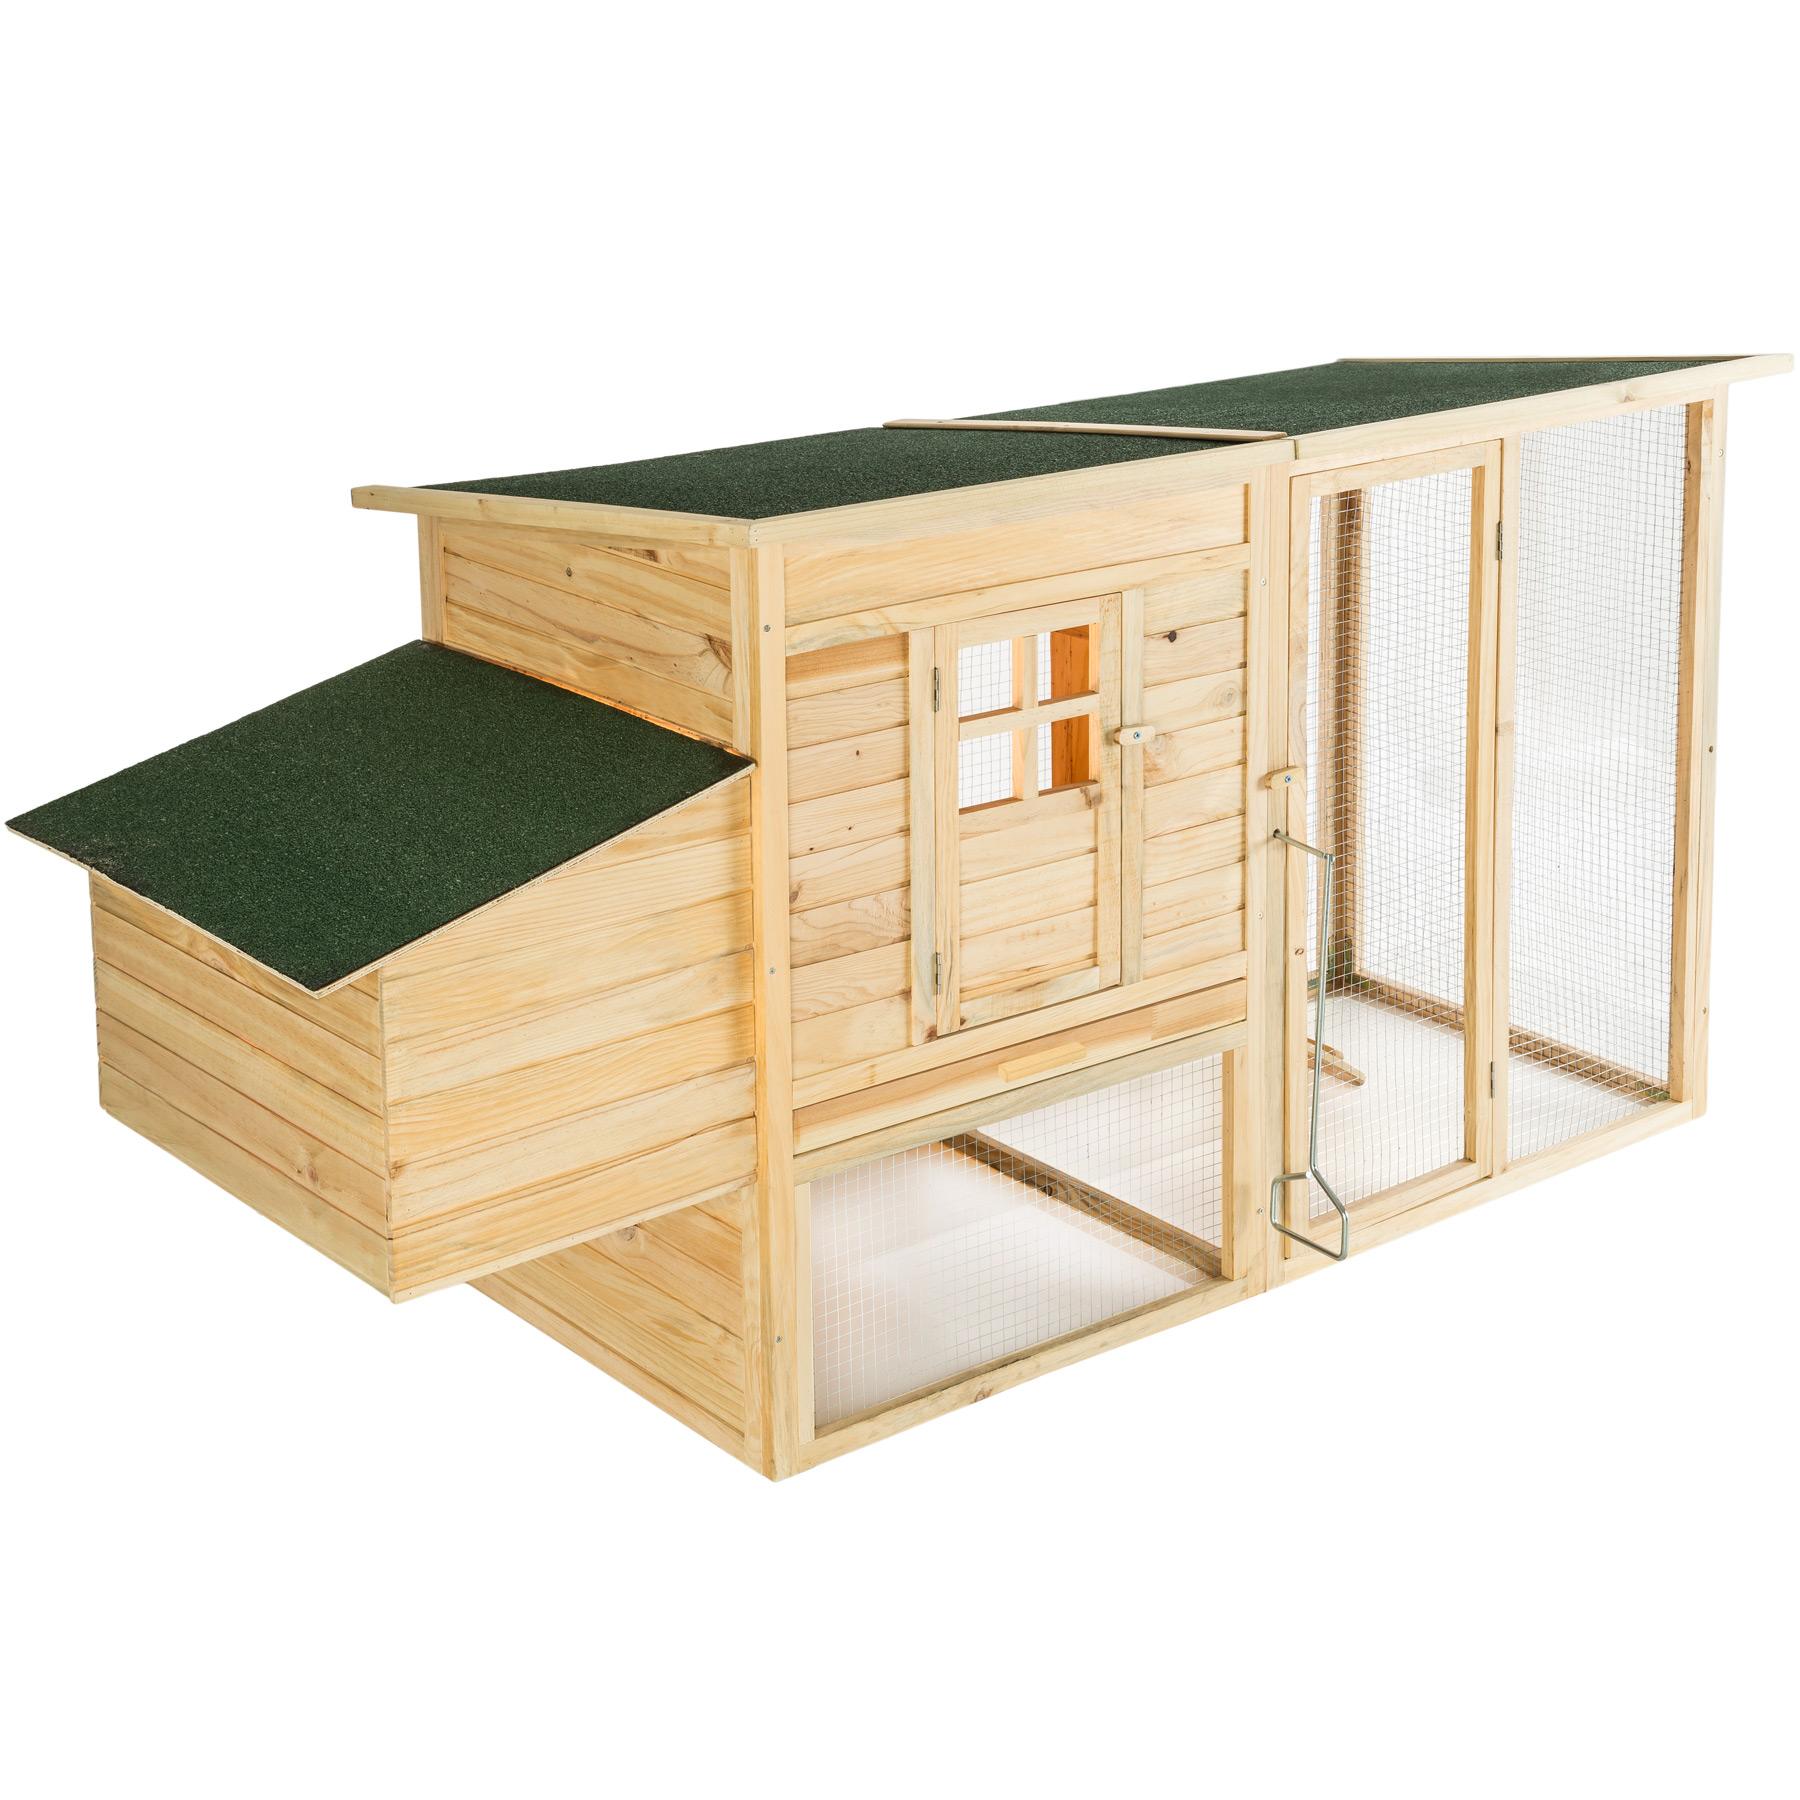 Kleintierstall aus Holz 198x75x102cm günstig online kaufen